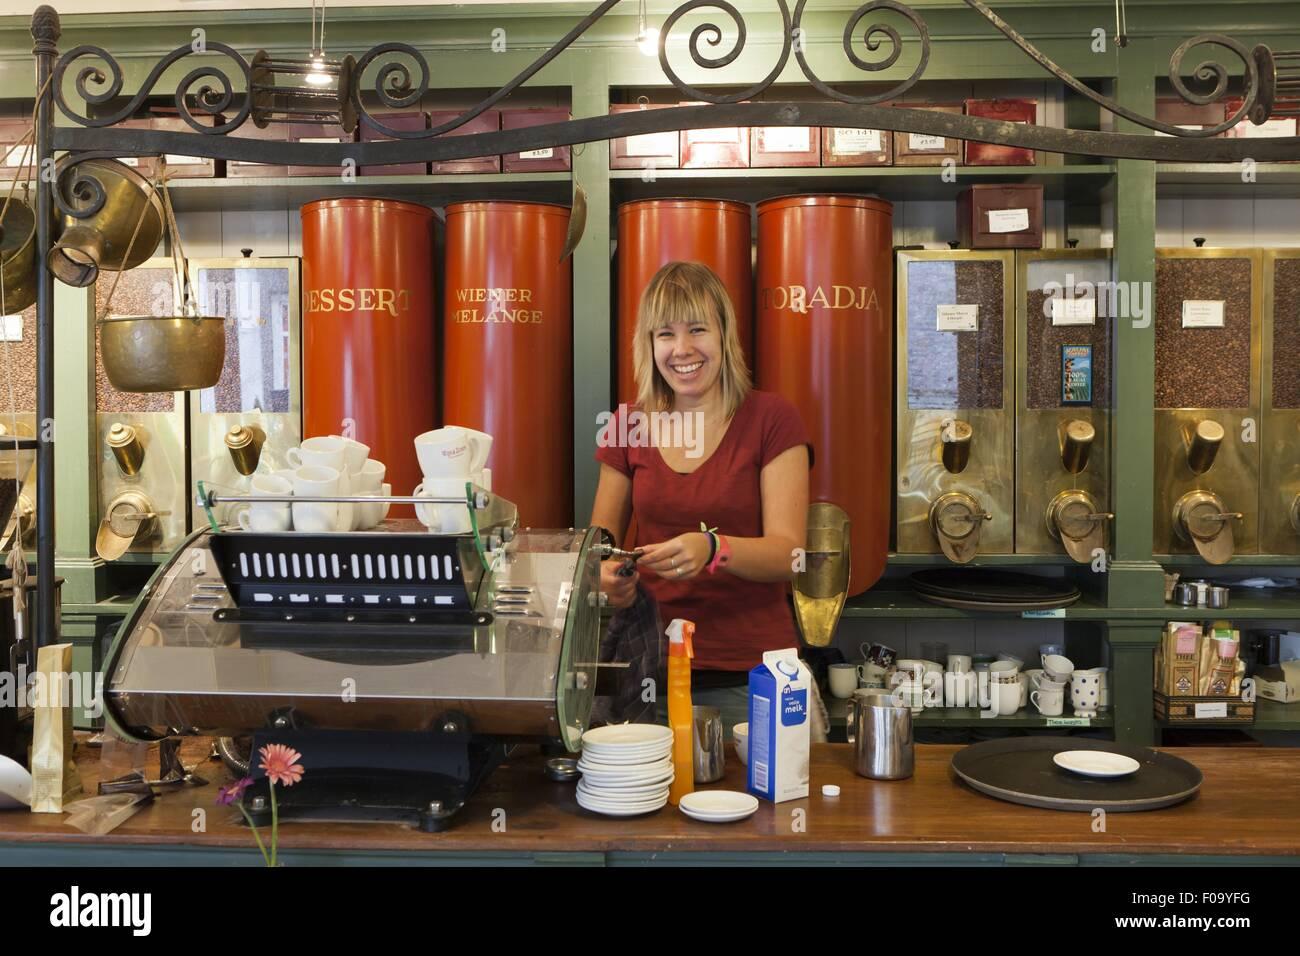 Woman working in Wijs & Zonen Koffie en Thee, Zeedijk, Amsterdam, Netherlands - Stock Image